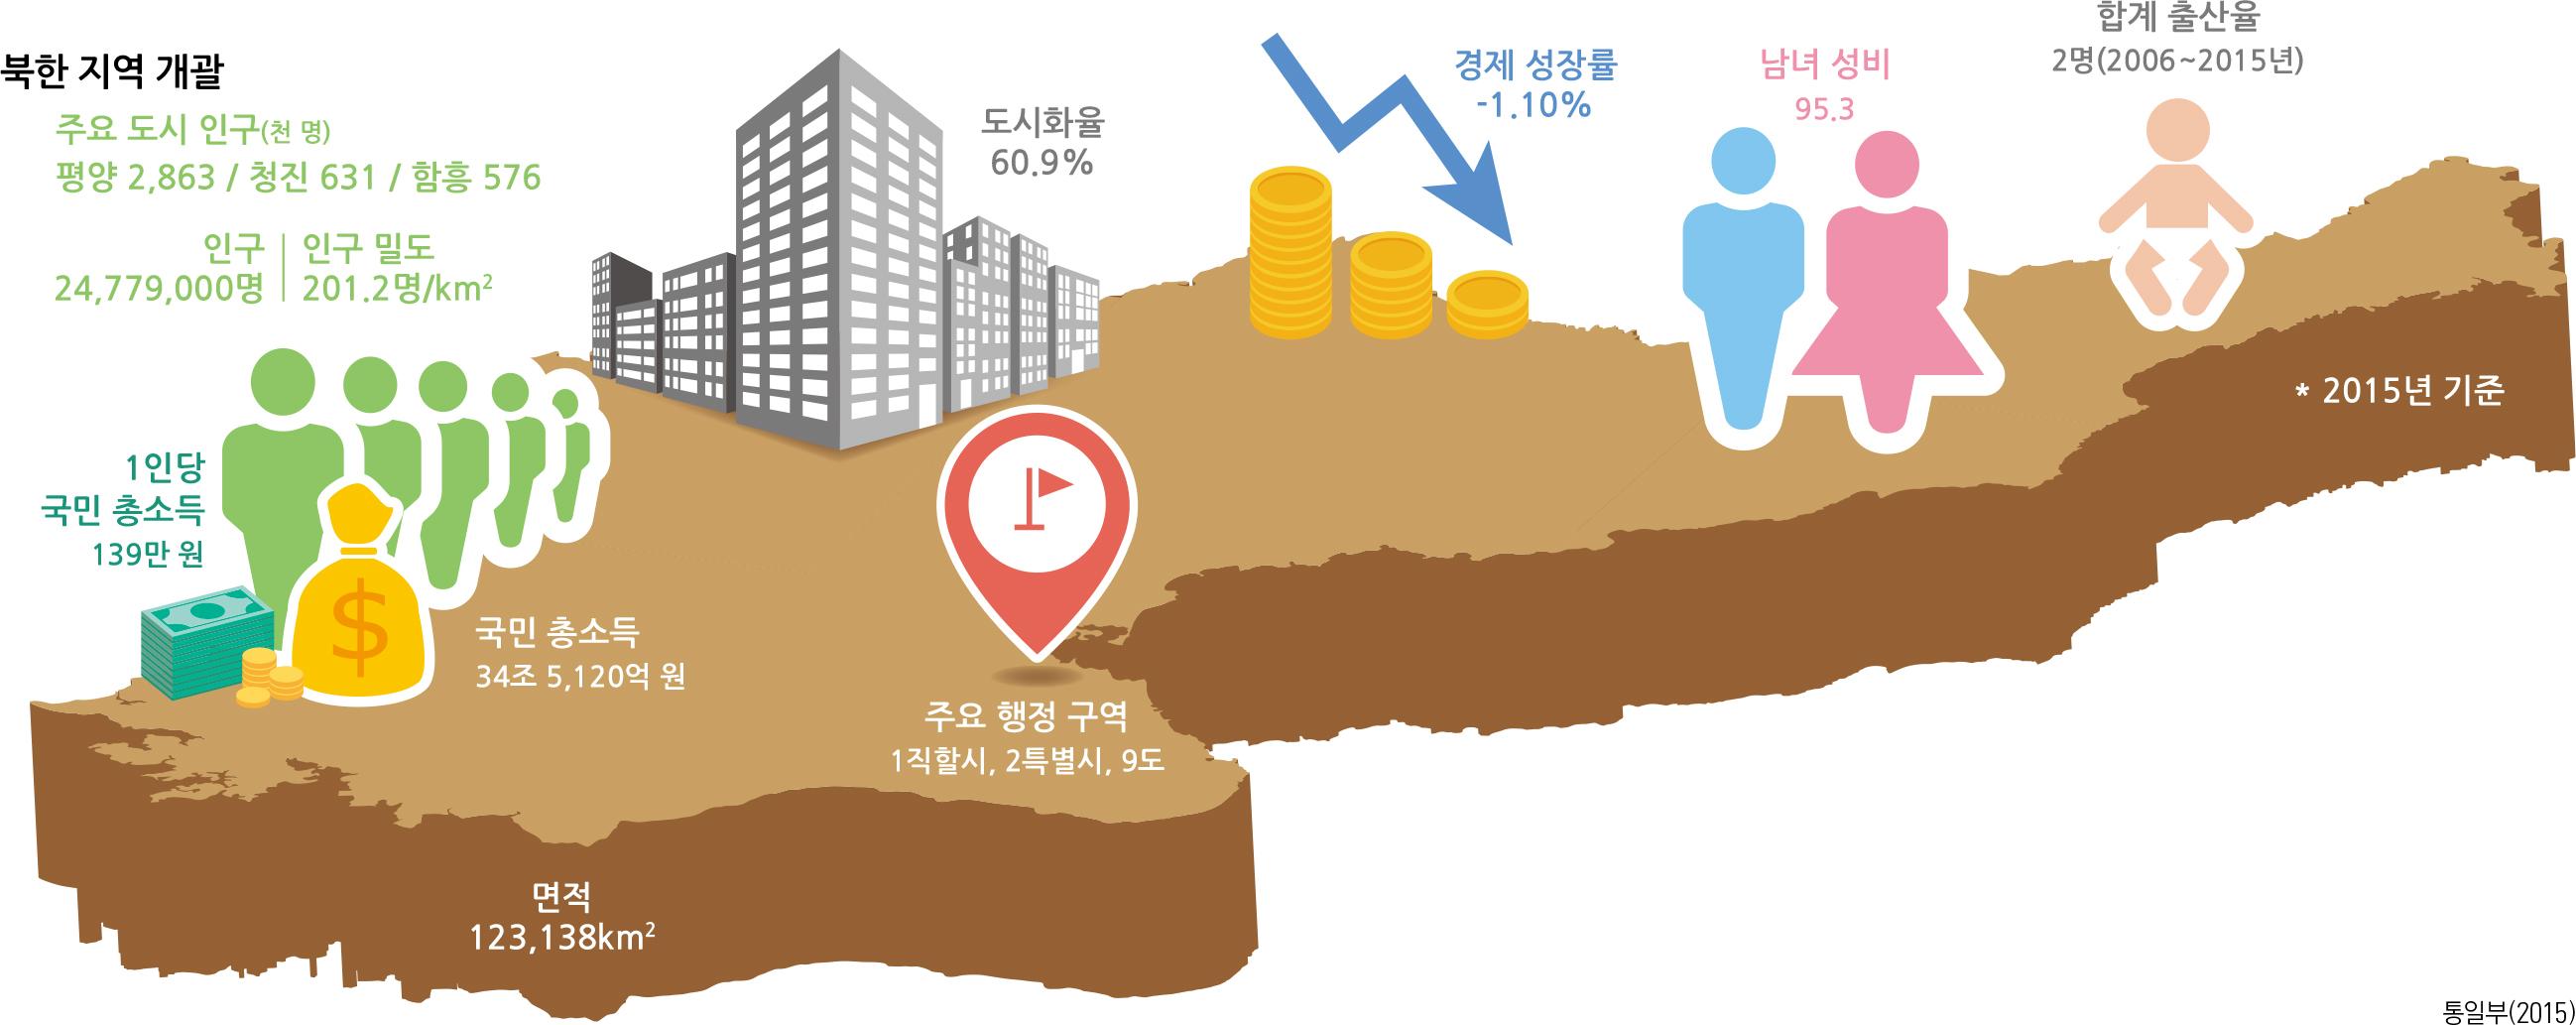 북한 지역 개괄